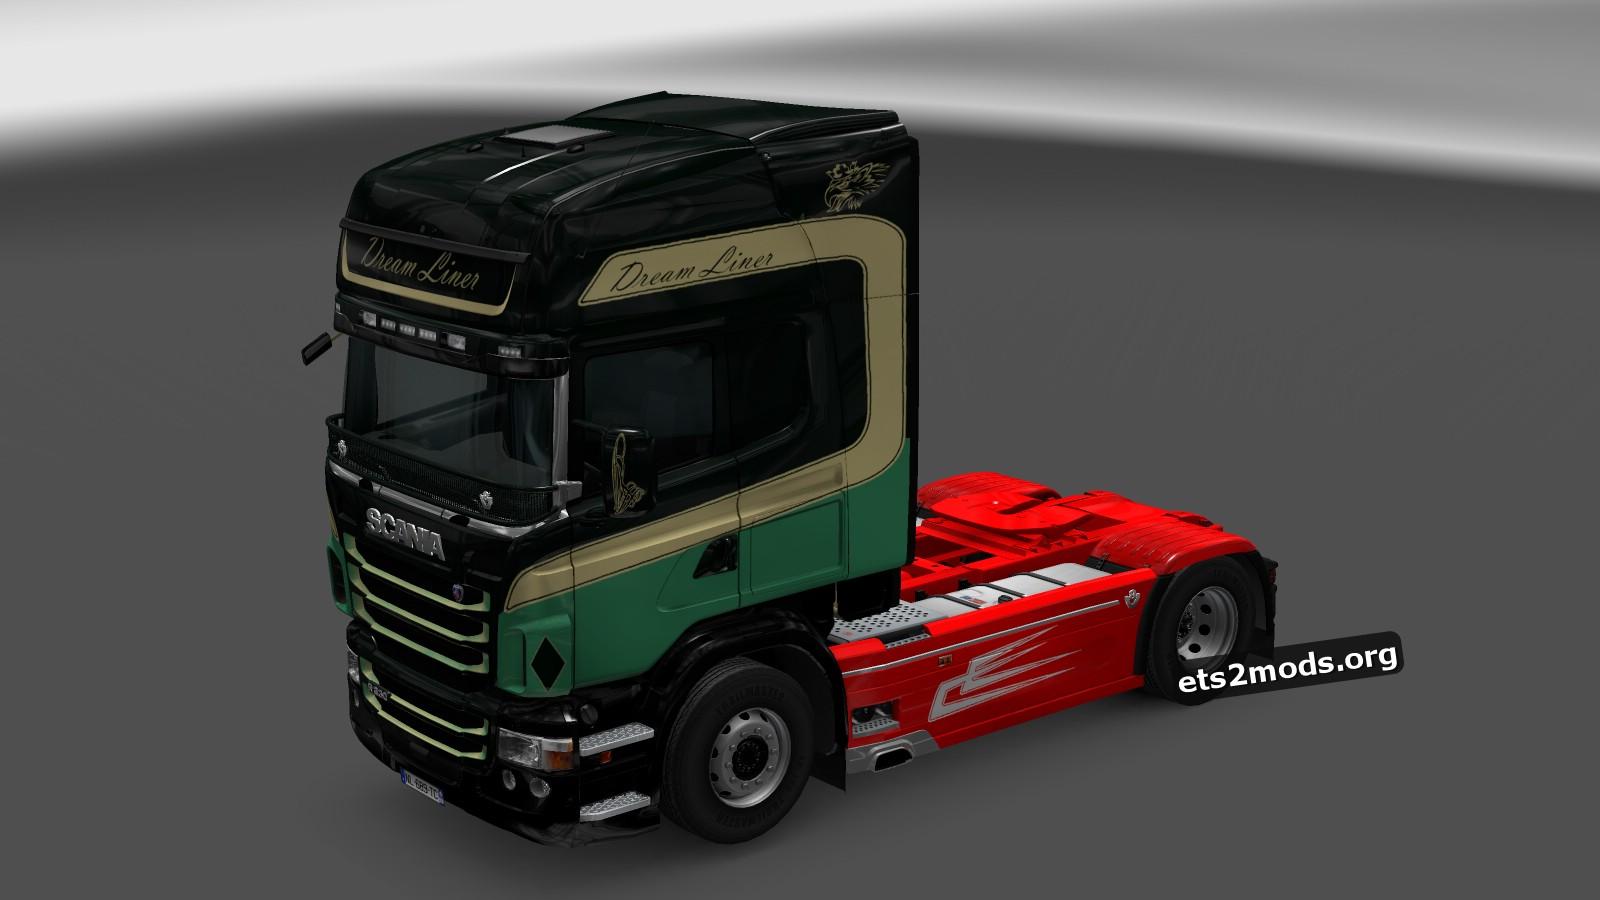 Dream Liner Skin for Scania RJL